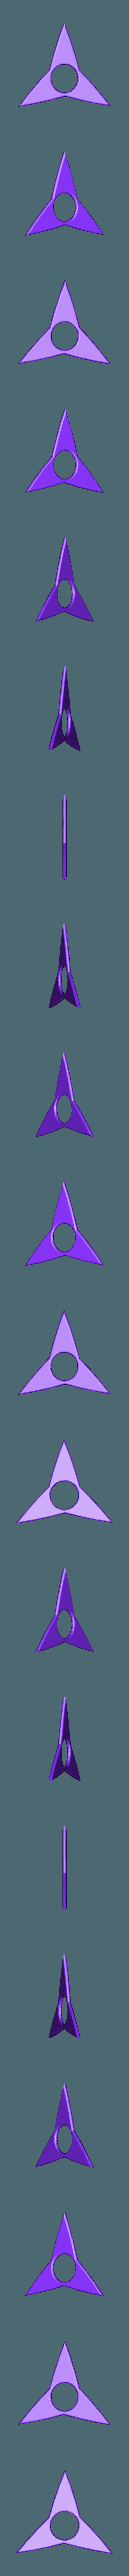 Trident 170819-10.stl Download free STL file TRI-DENT Púa Nido (electric guitar pick) • Template to 3D print, carleslluisar